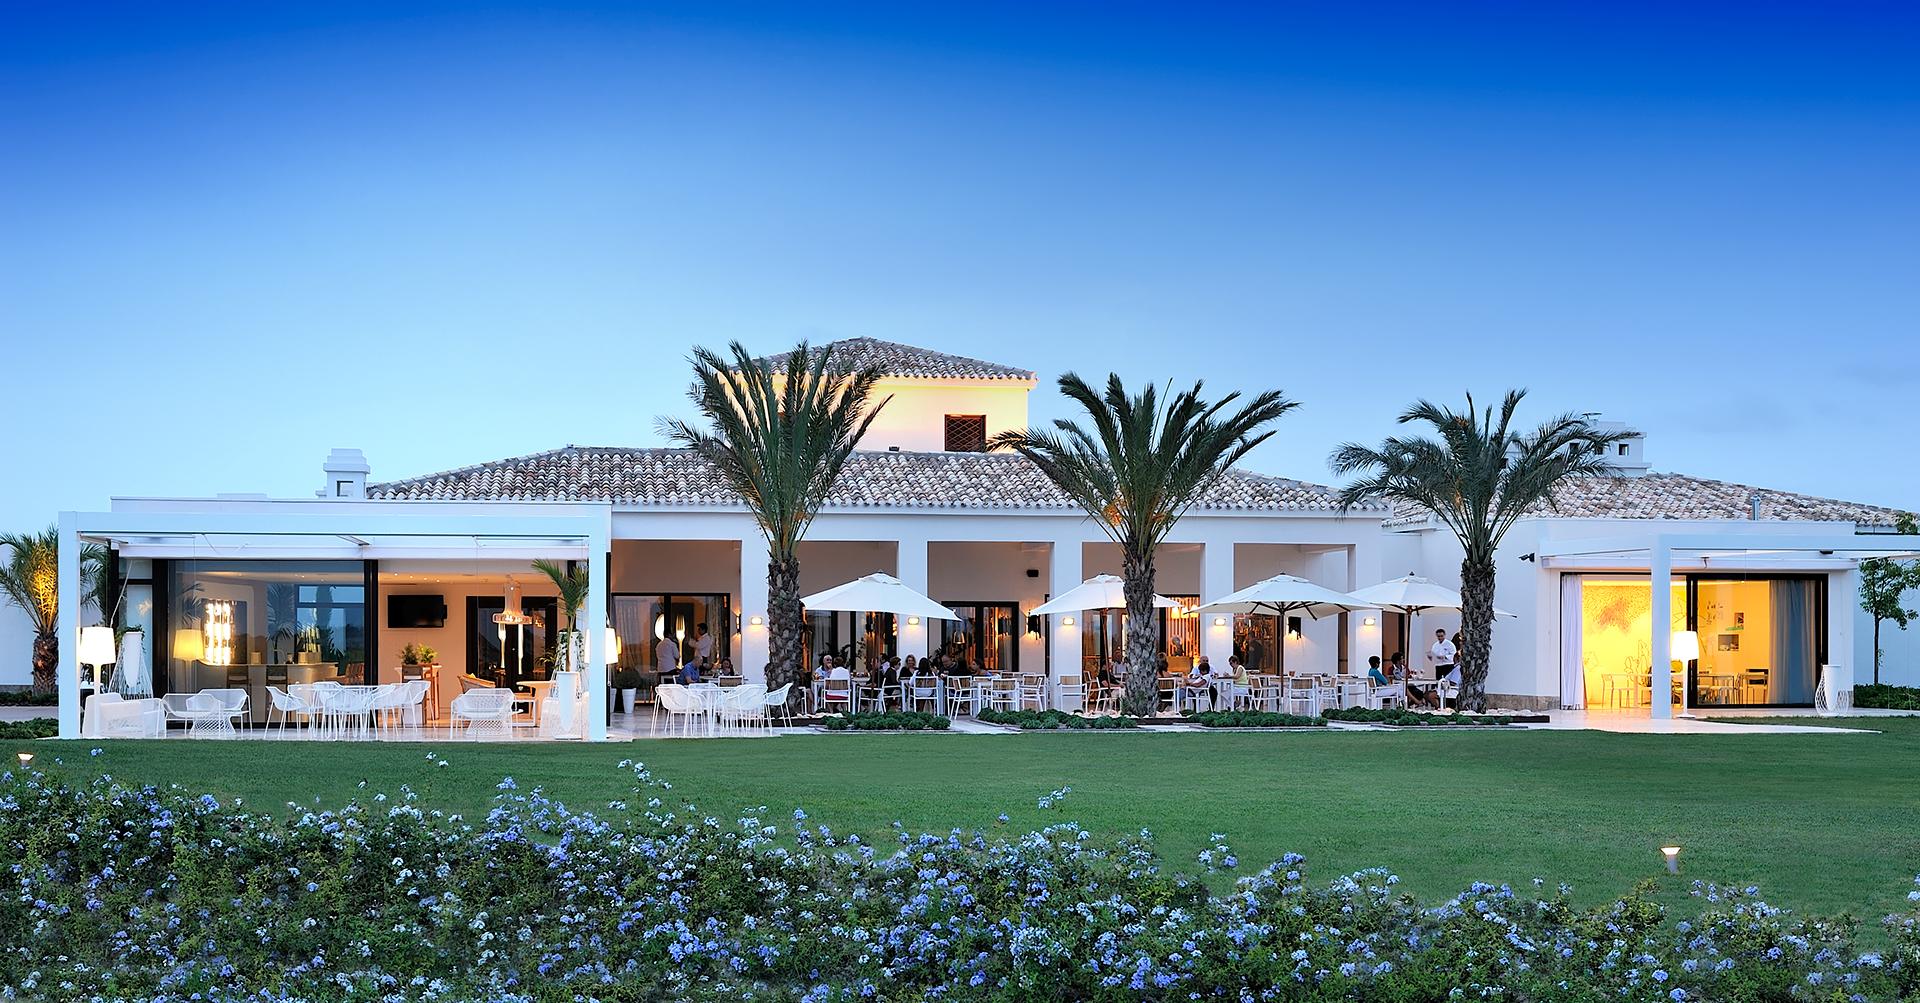 Golf-Expedition-Golf-reizen-Spanje-Regio-Valencia-Las-Colinas-Golf-and-Country-Club-restaurant